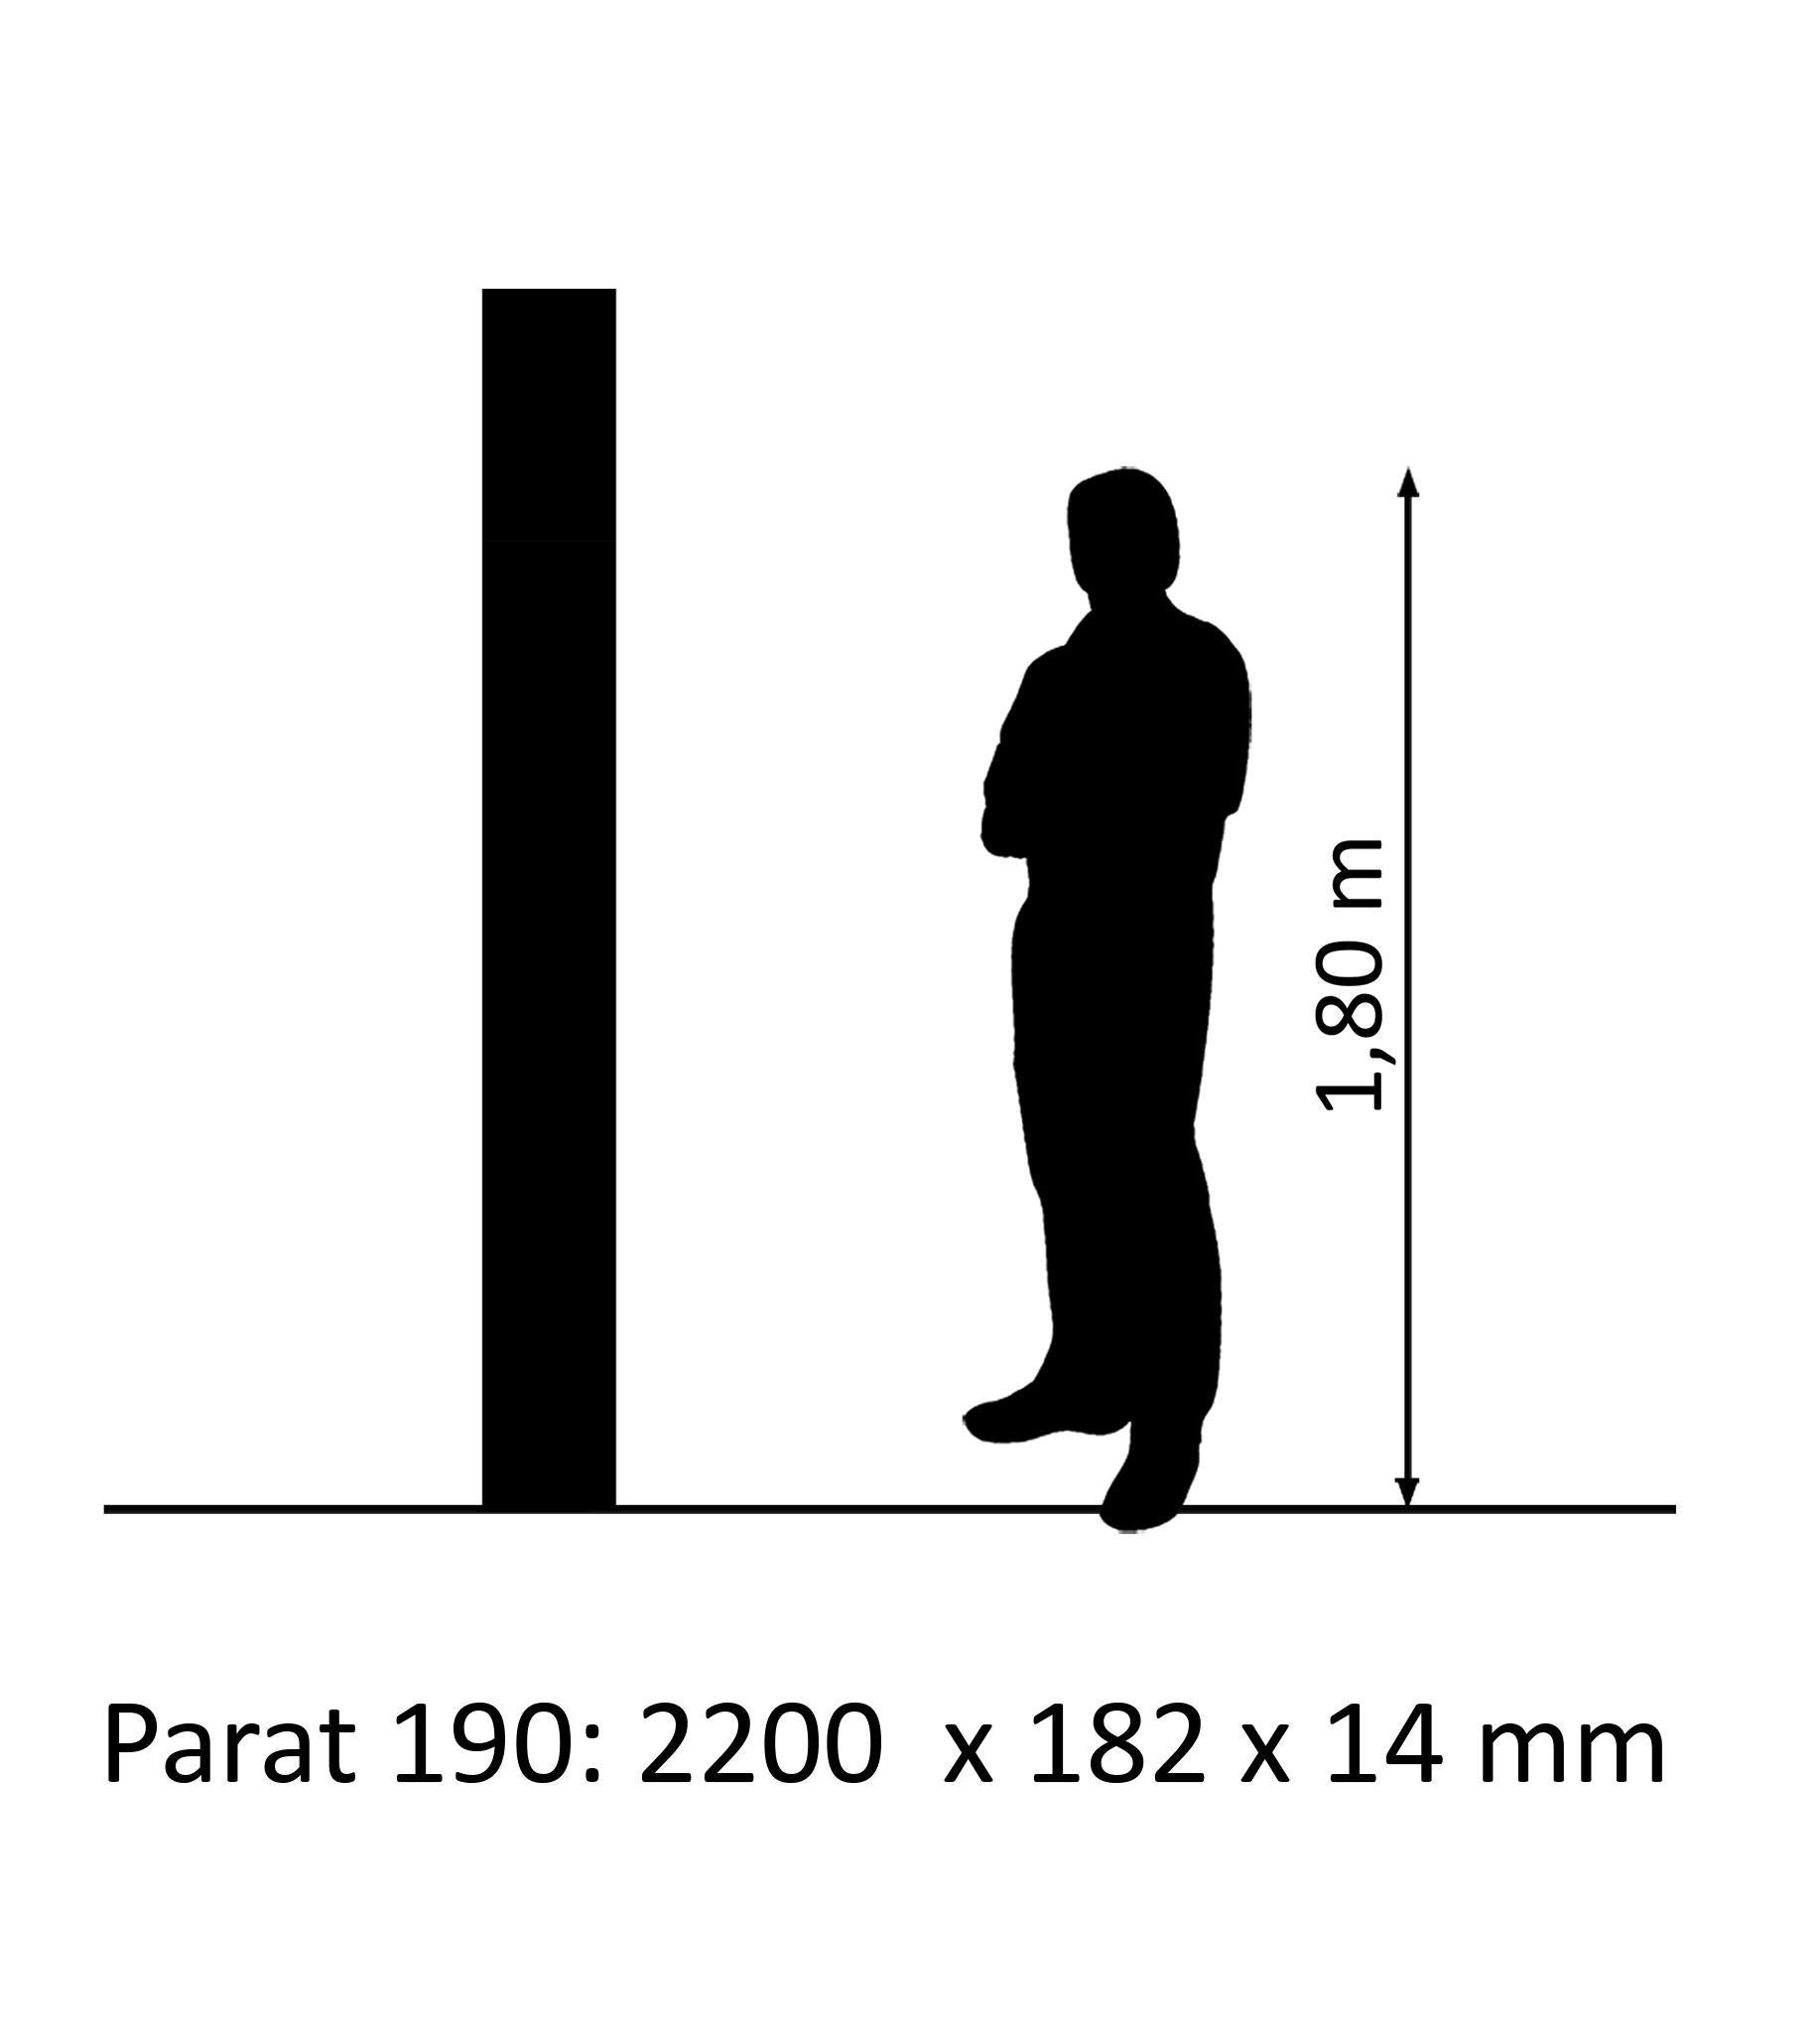 PARAT 190 Eiche Country SB öl/wachs